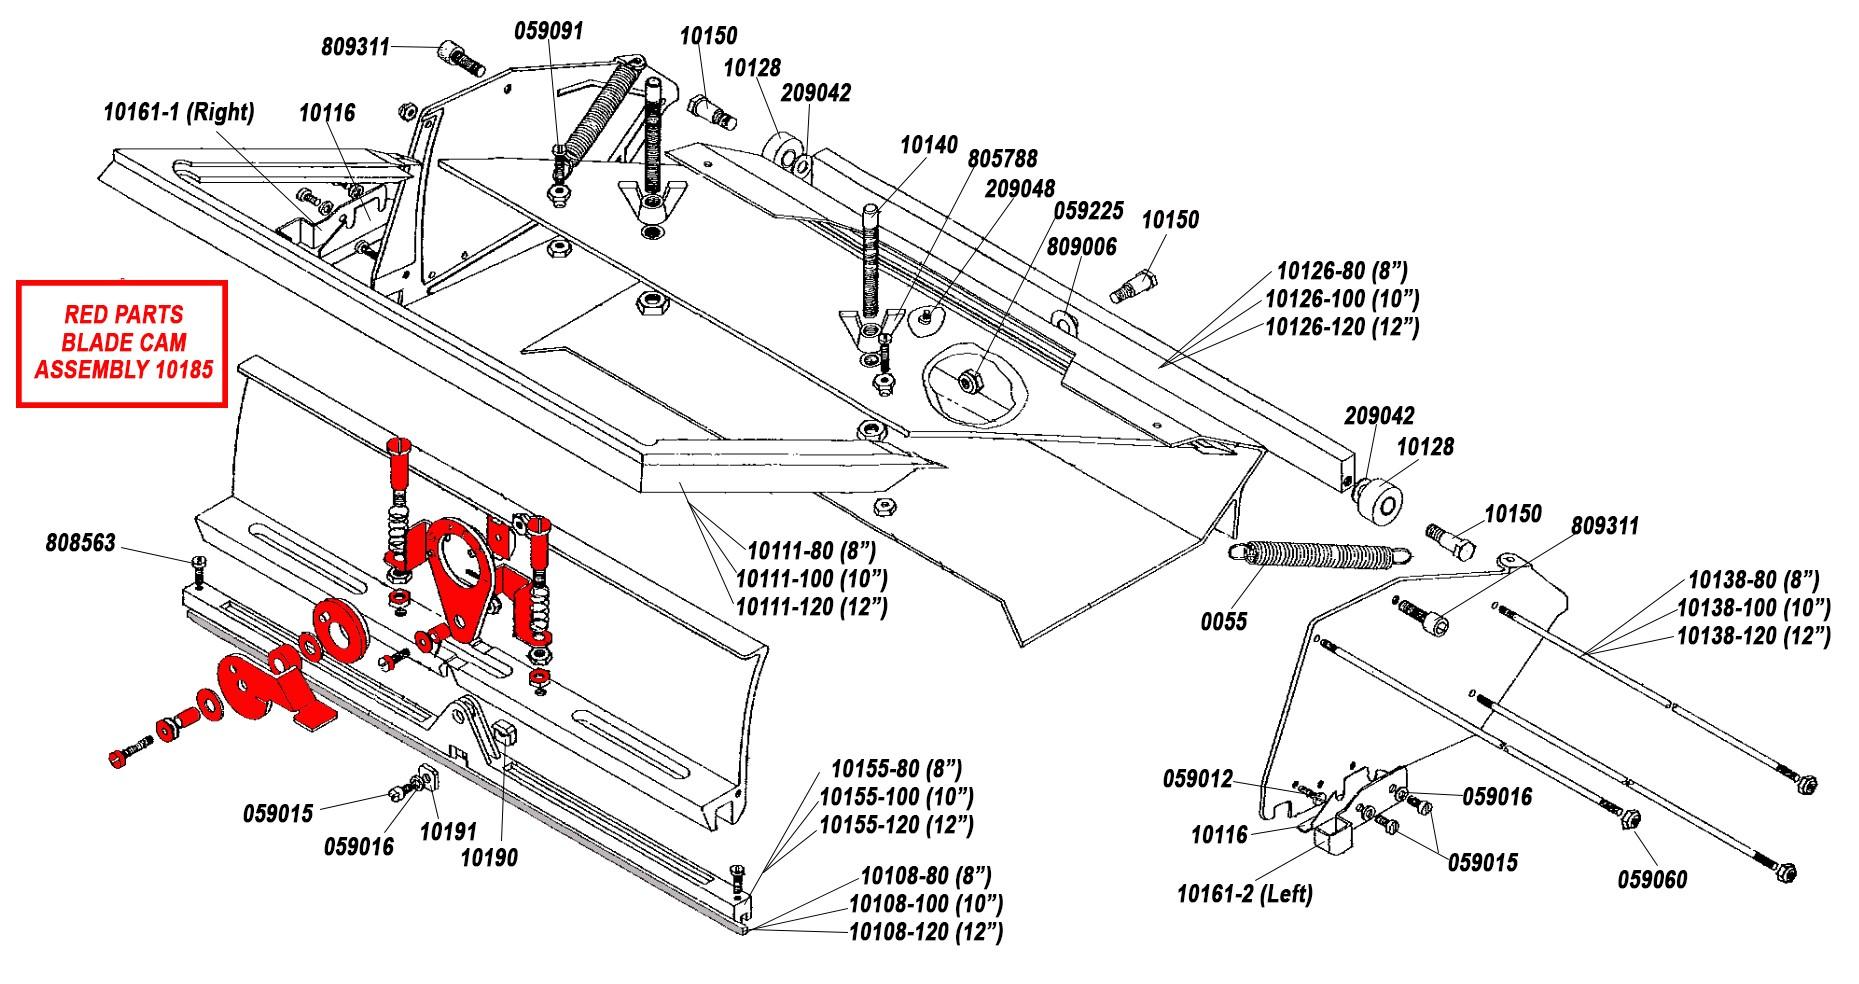 TapeWorm Flat Box Parts List